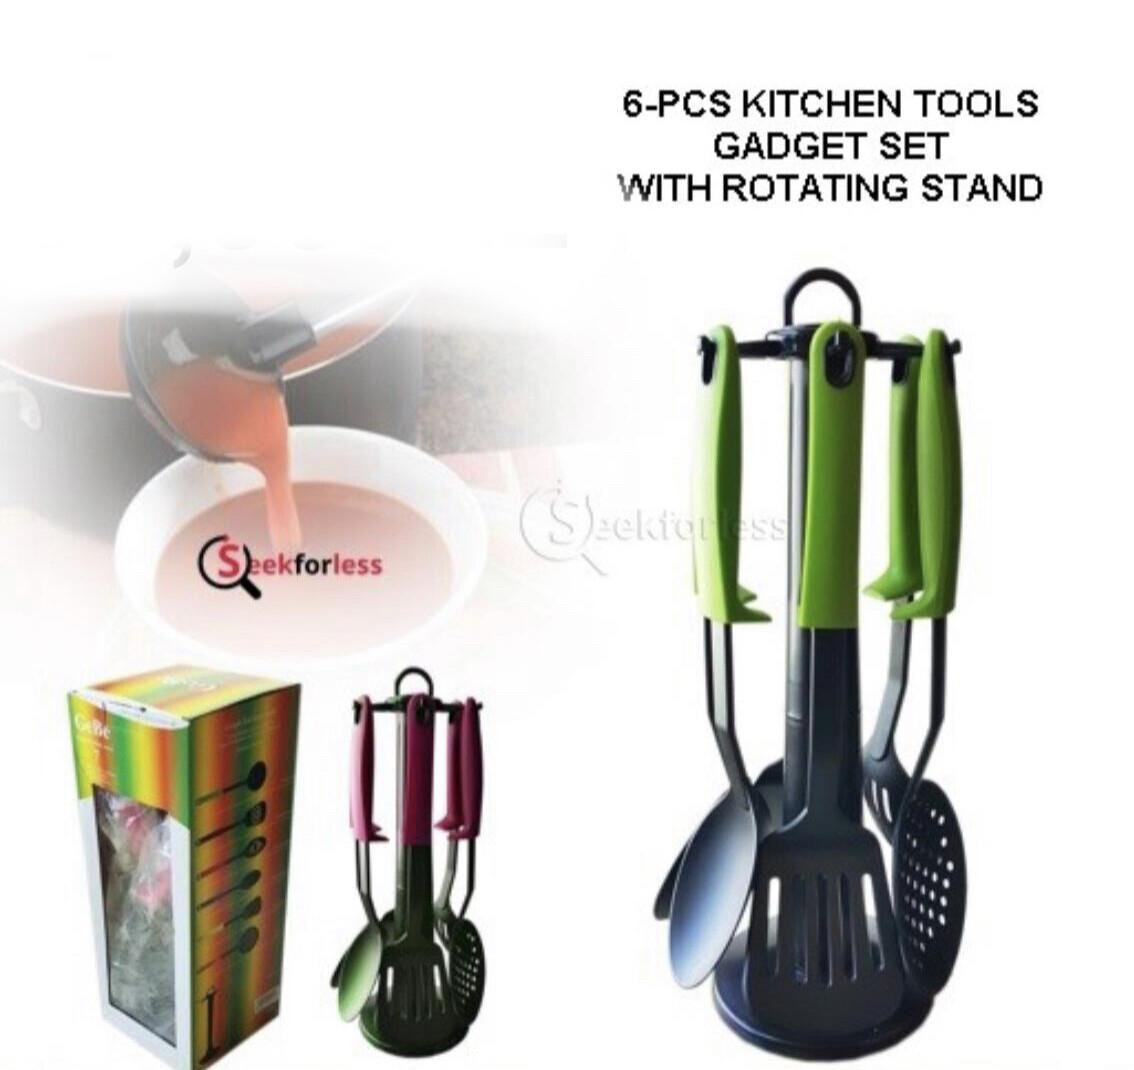 6-Pcs Kitchen Tools